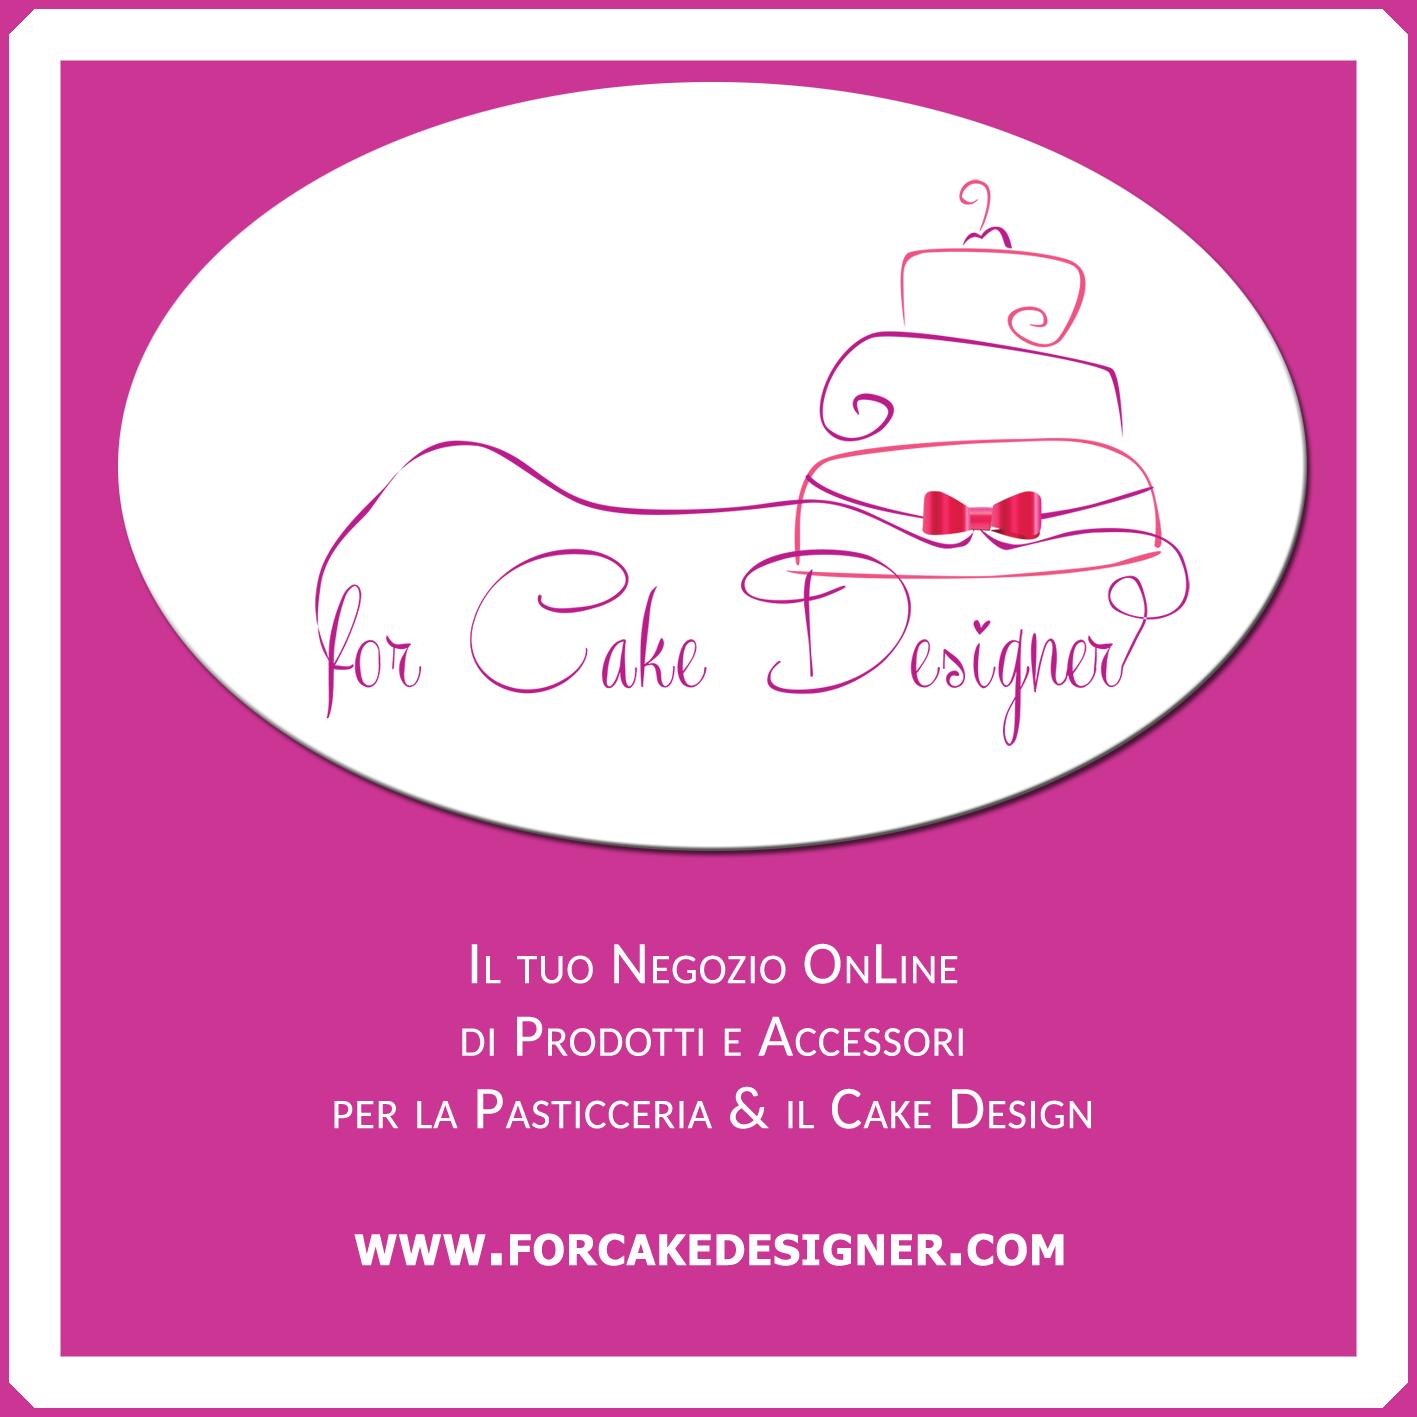 for cake designer